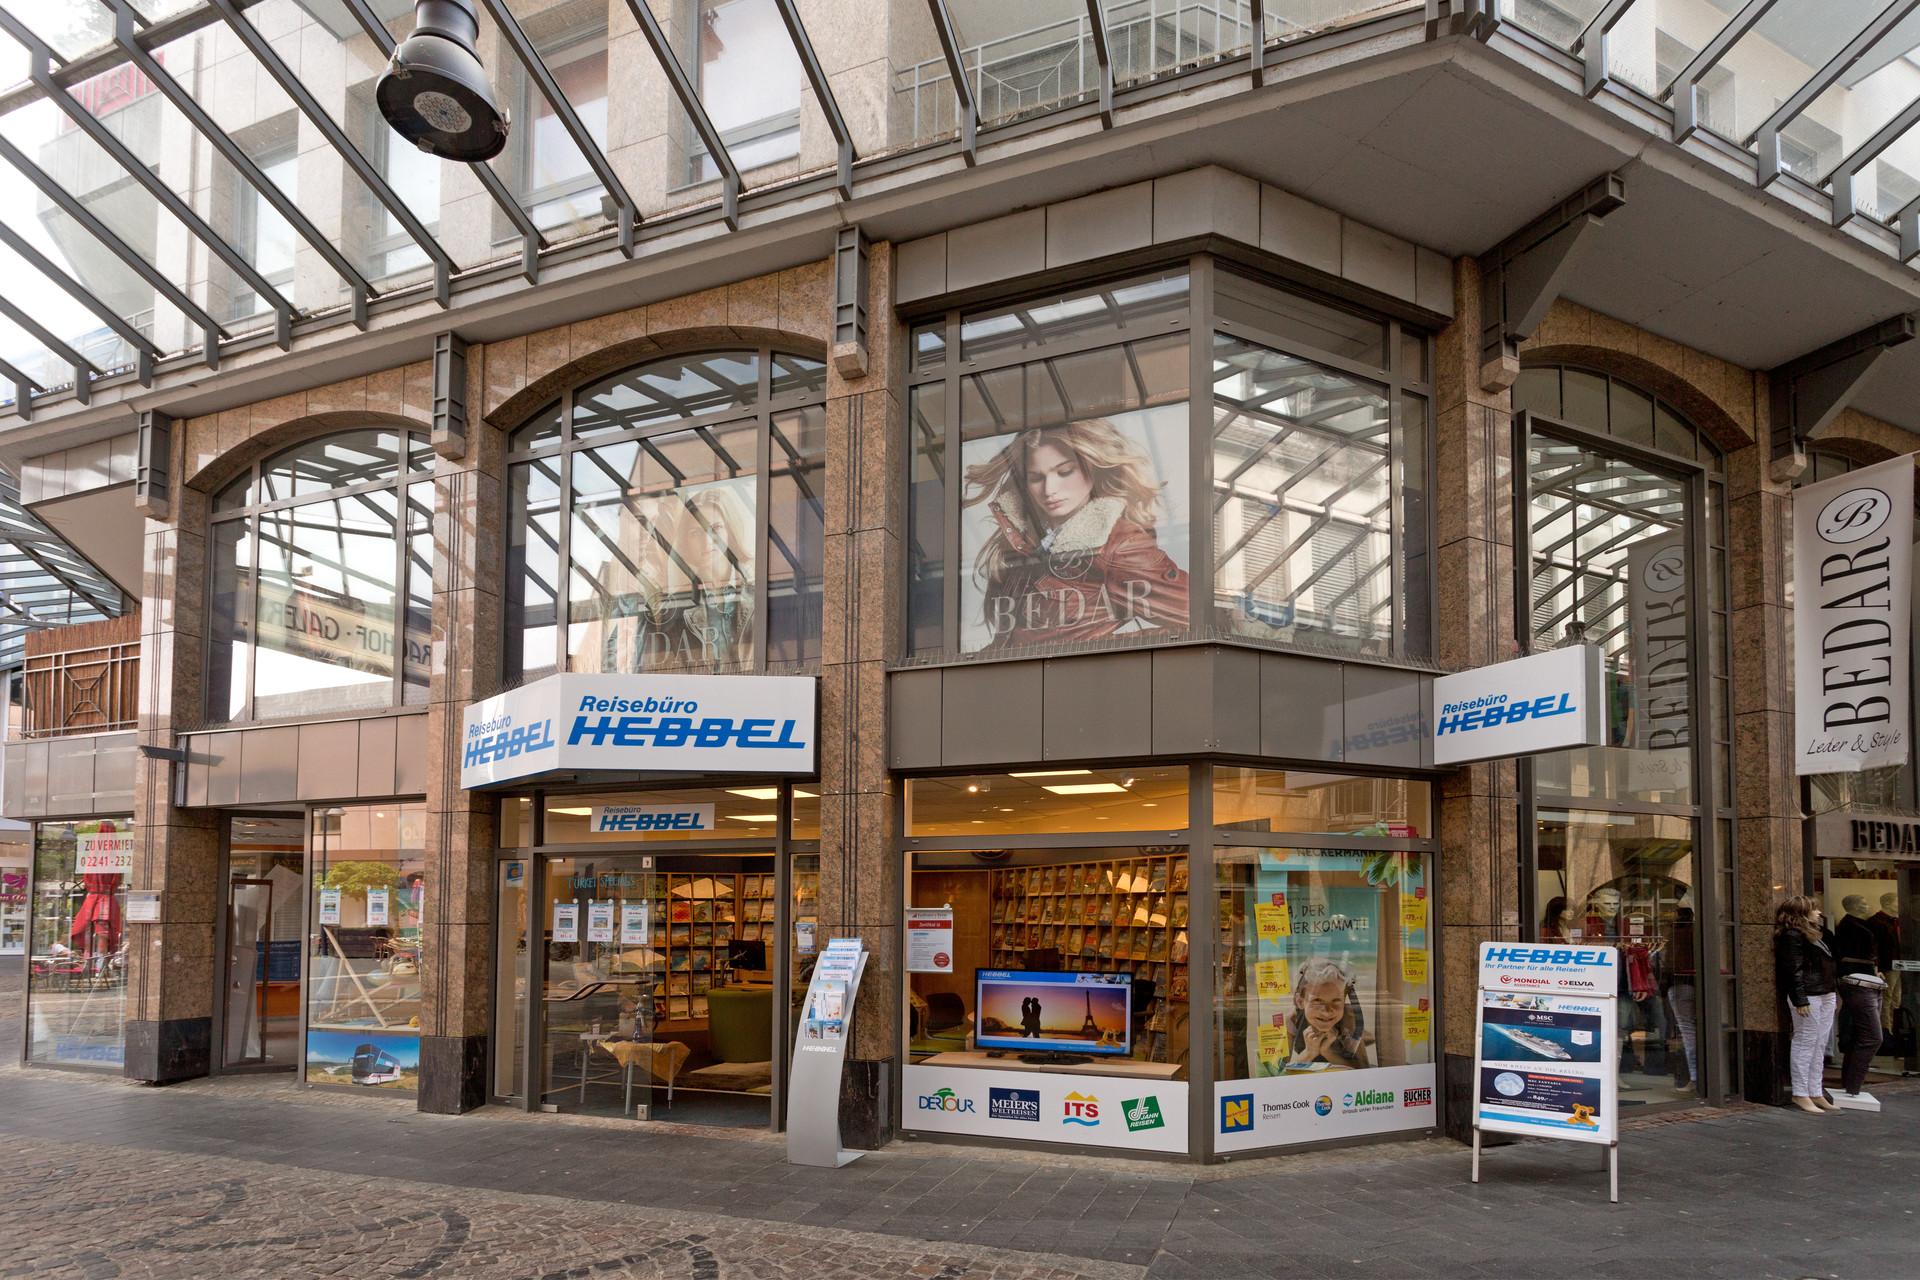 Reisebüro Hebbel Siegburg